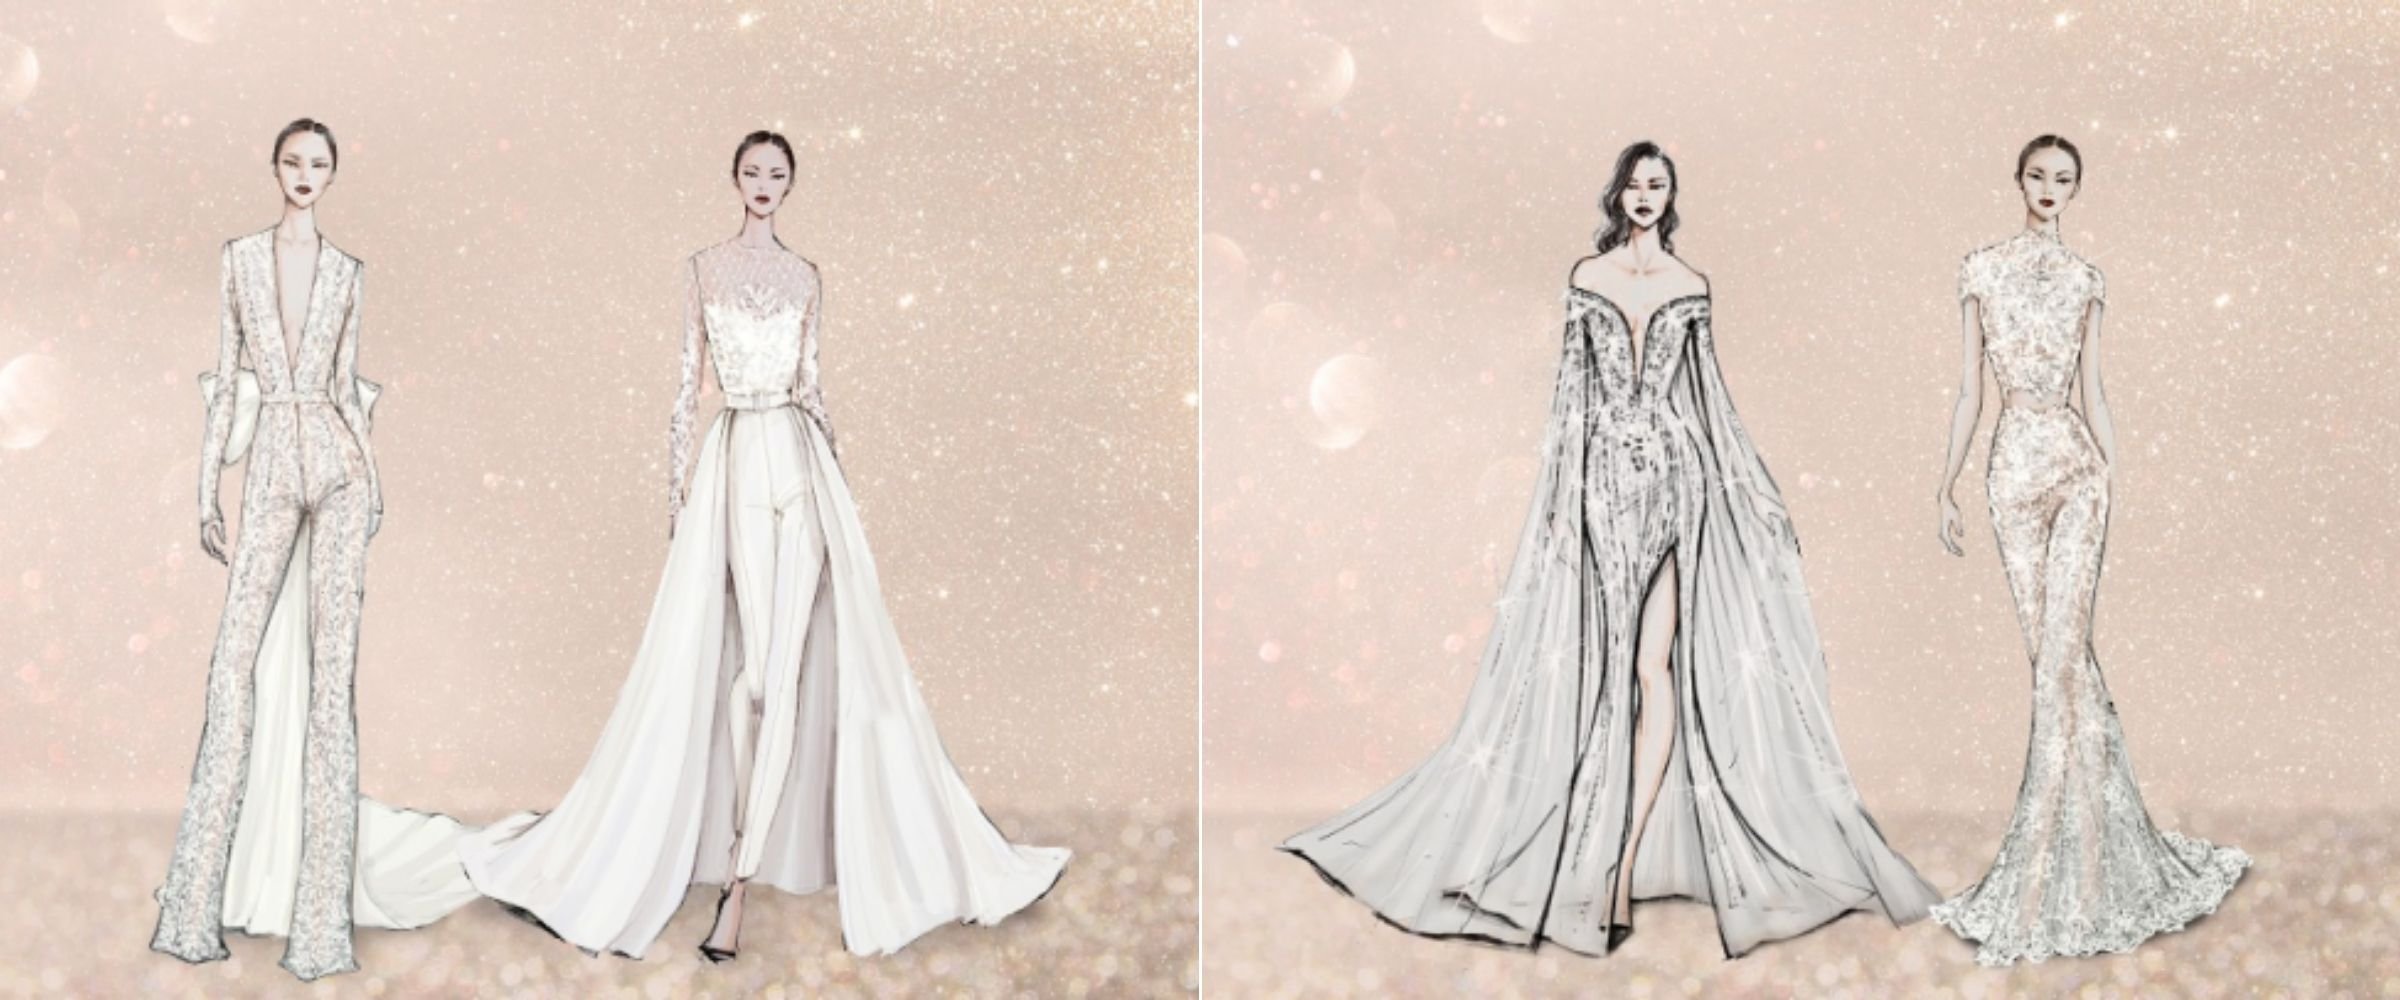 Thiết kế váy cưới pantsuit, jumpsuit, áo choàng và crop top của NTK Lê Thanh Hoà